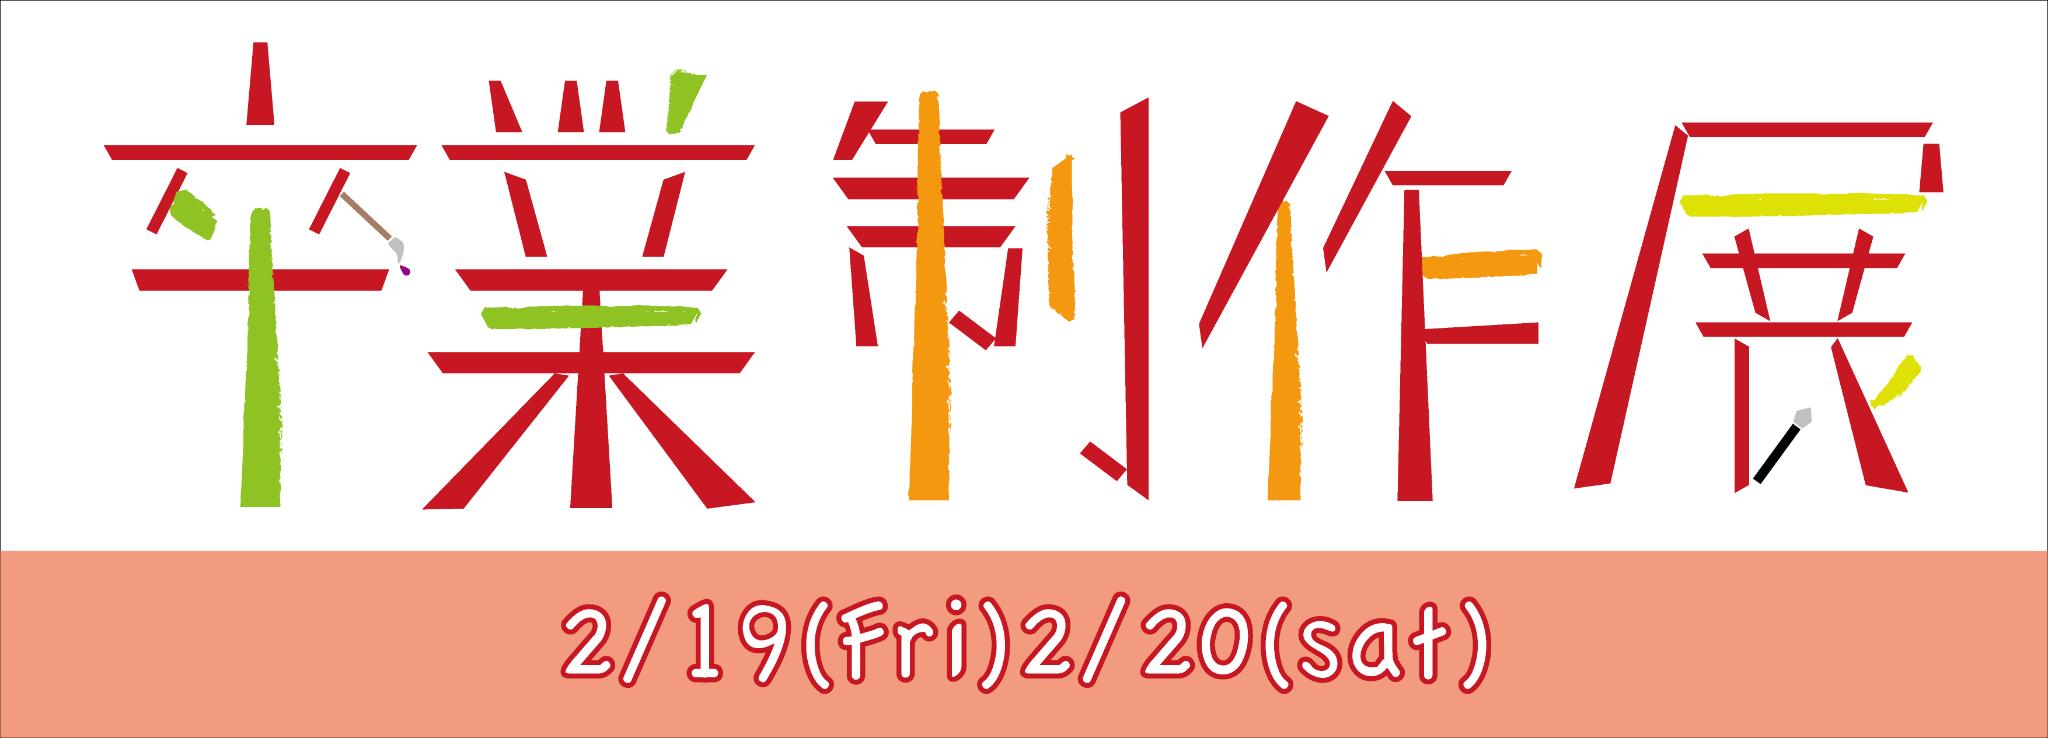 2016年 横浜デザイン学院卒業制作展